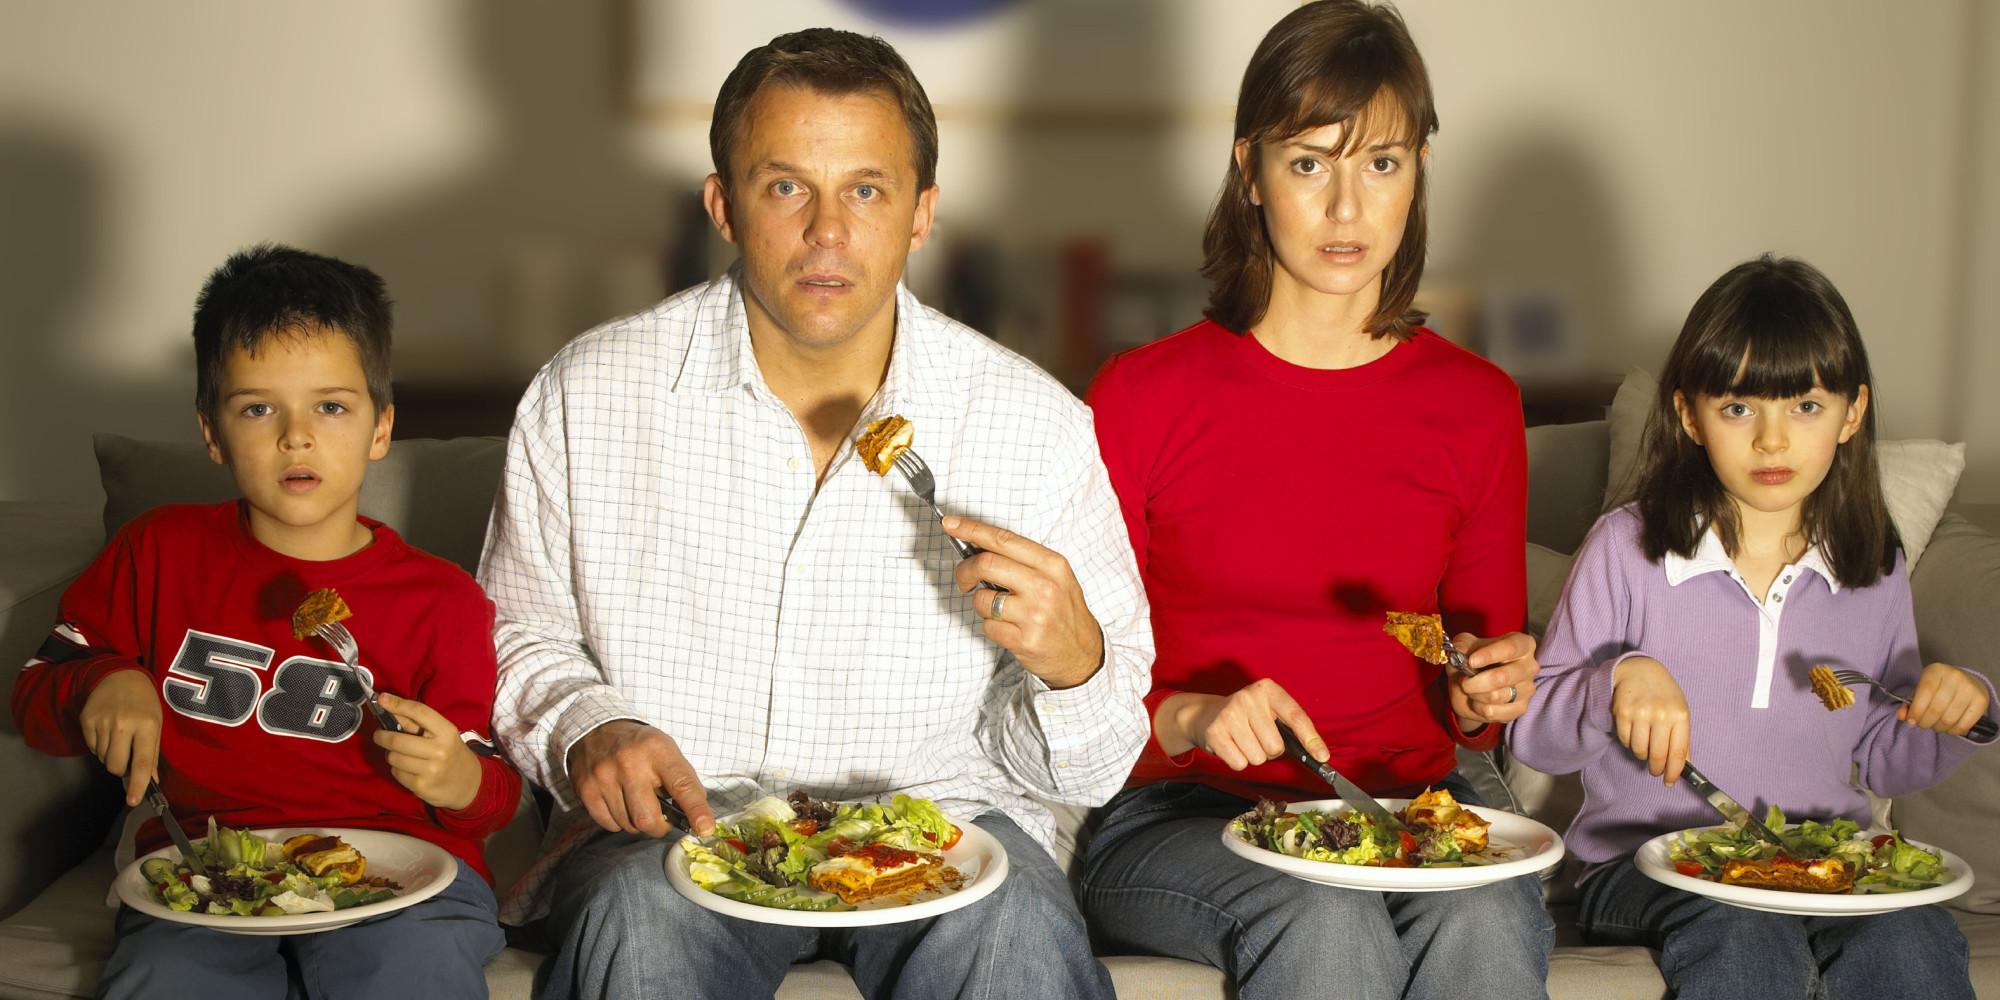 mangiare davanti la tv fa male